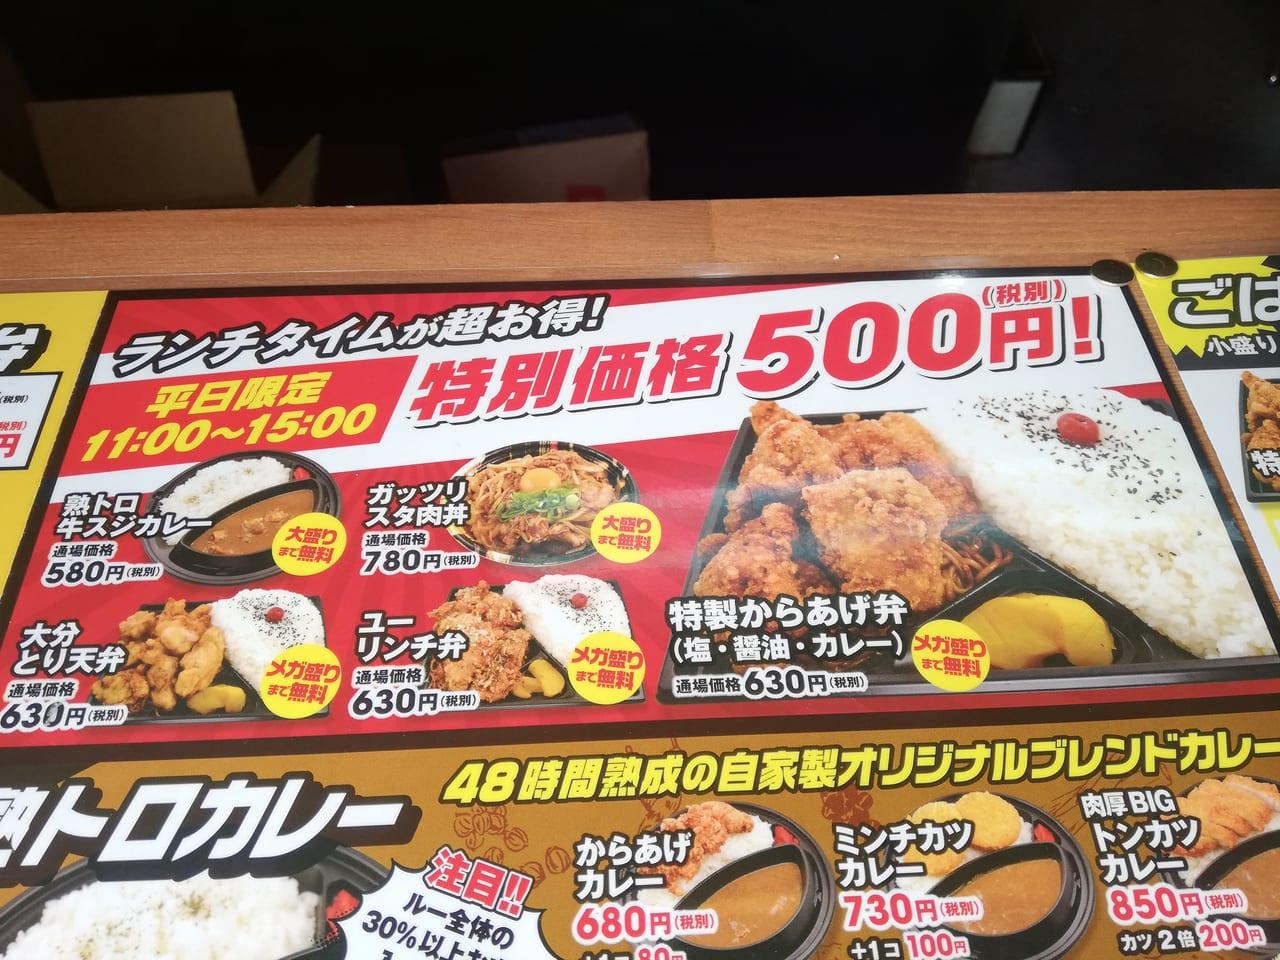 盛り 弁当 デカ 神奈川県の超大盛りデカ盛りグルメ★お腹壊れる10店